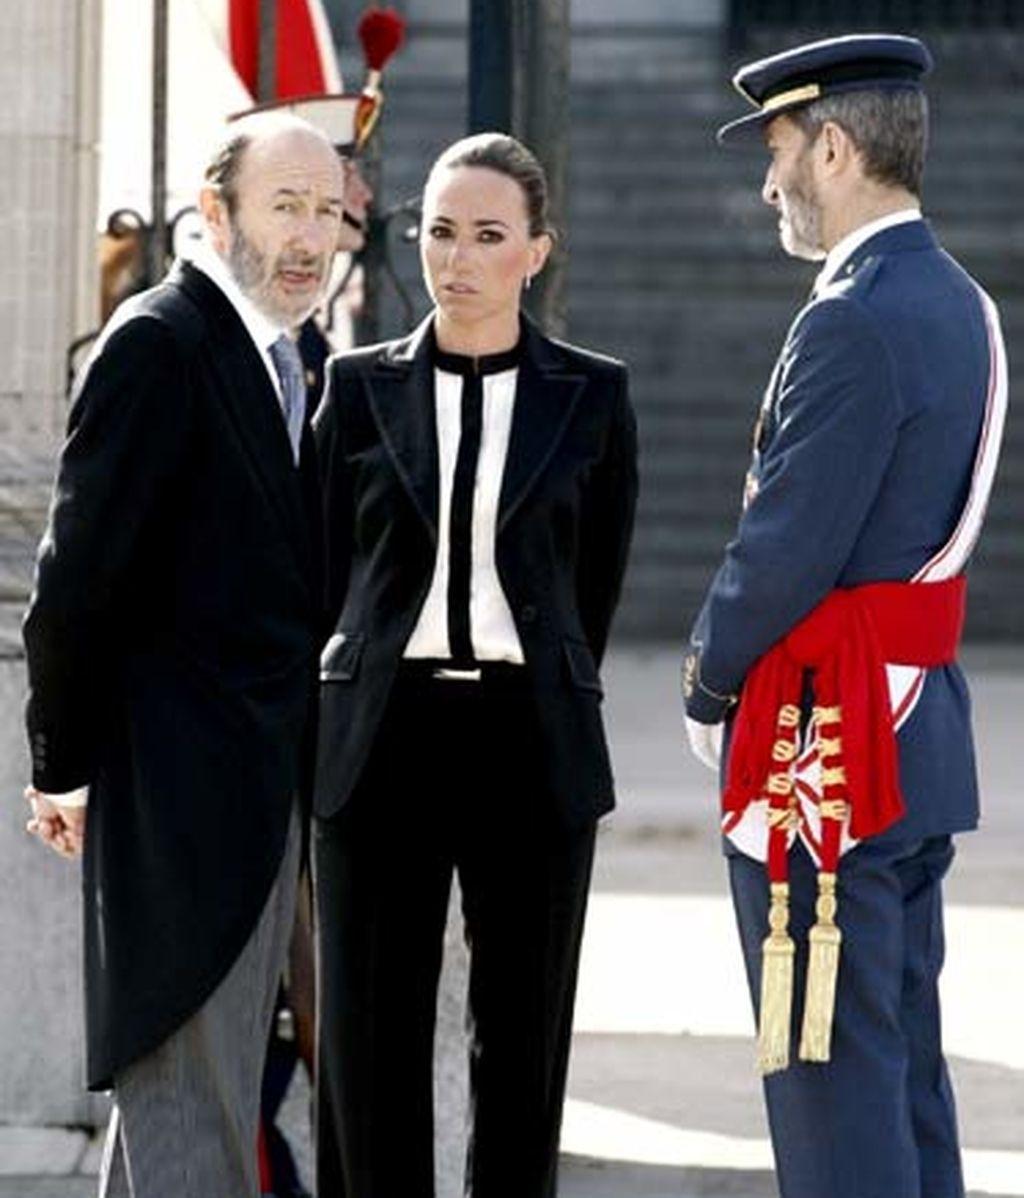 La ministra de Defensa, Carme Chacón, junto al ministro del Interior, Alfredo Pérez Rubalcaba, y el jefe del Estado Mayor de la Defensa, José Julio Rodríguez. Foto: EFE.